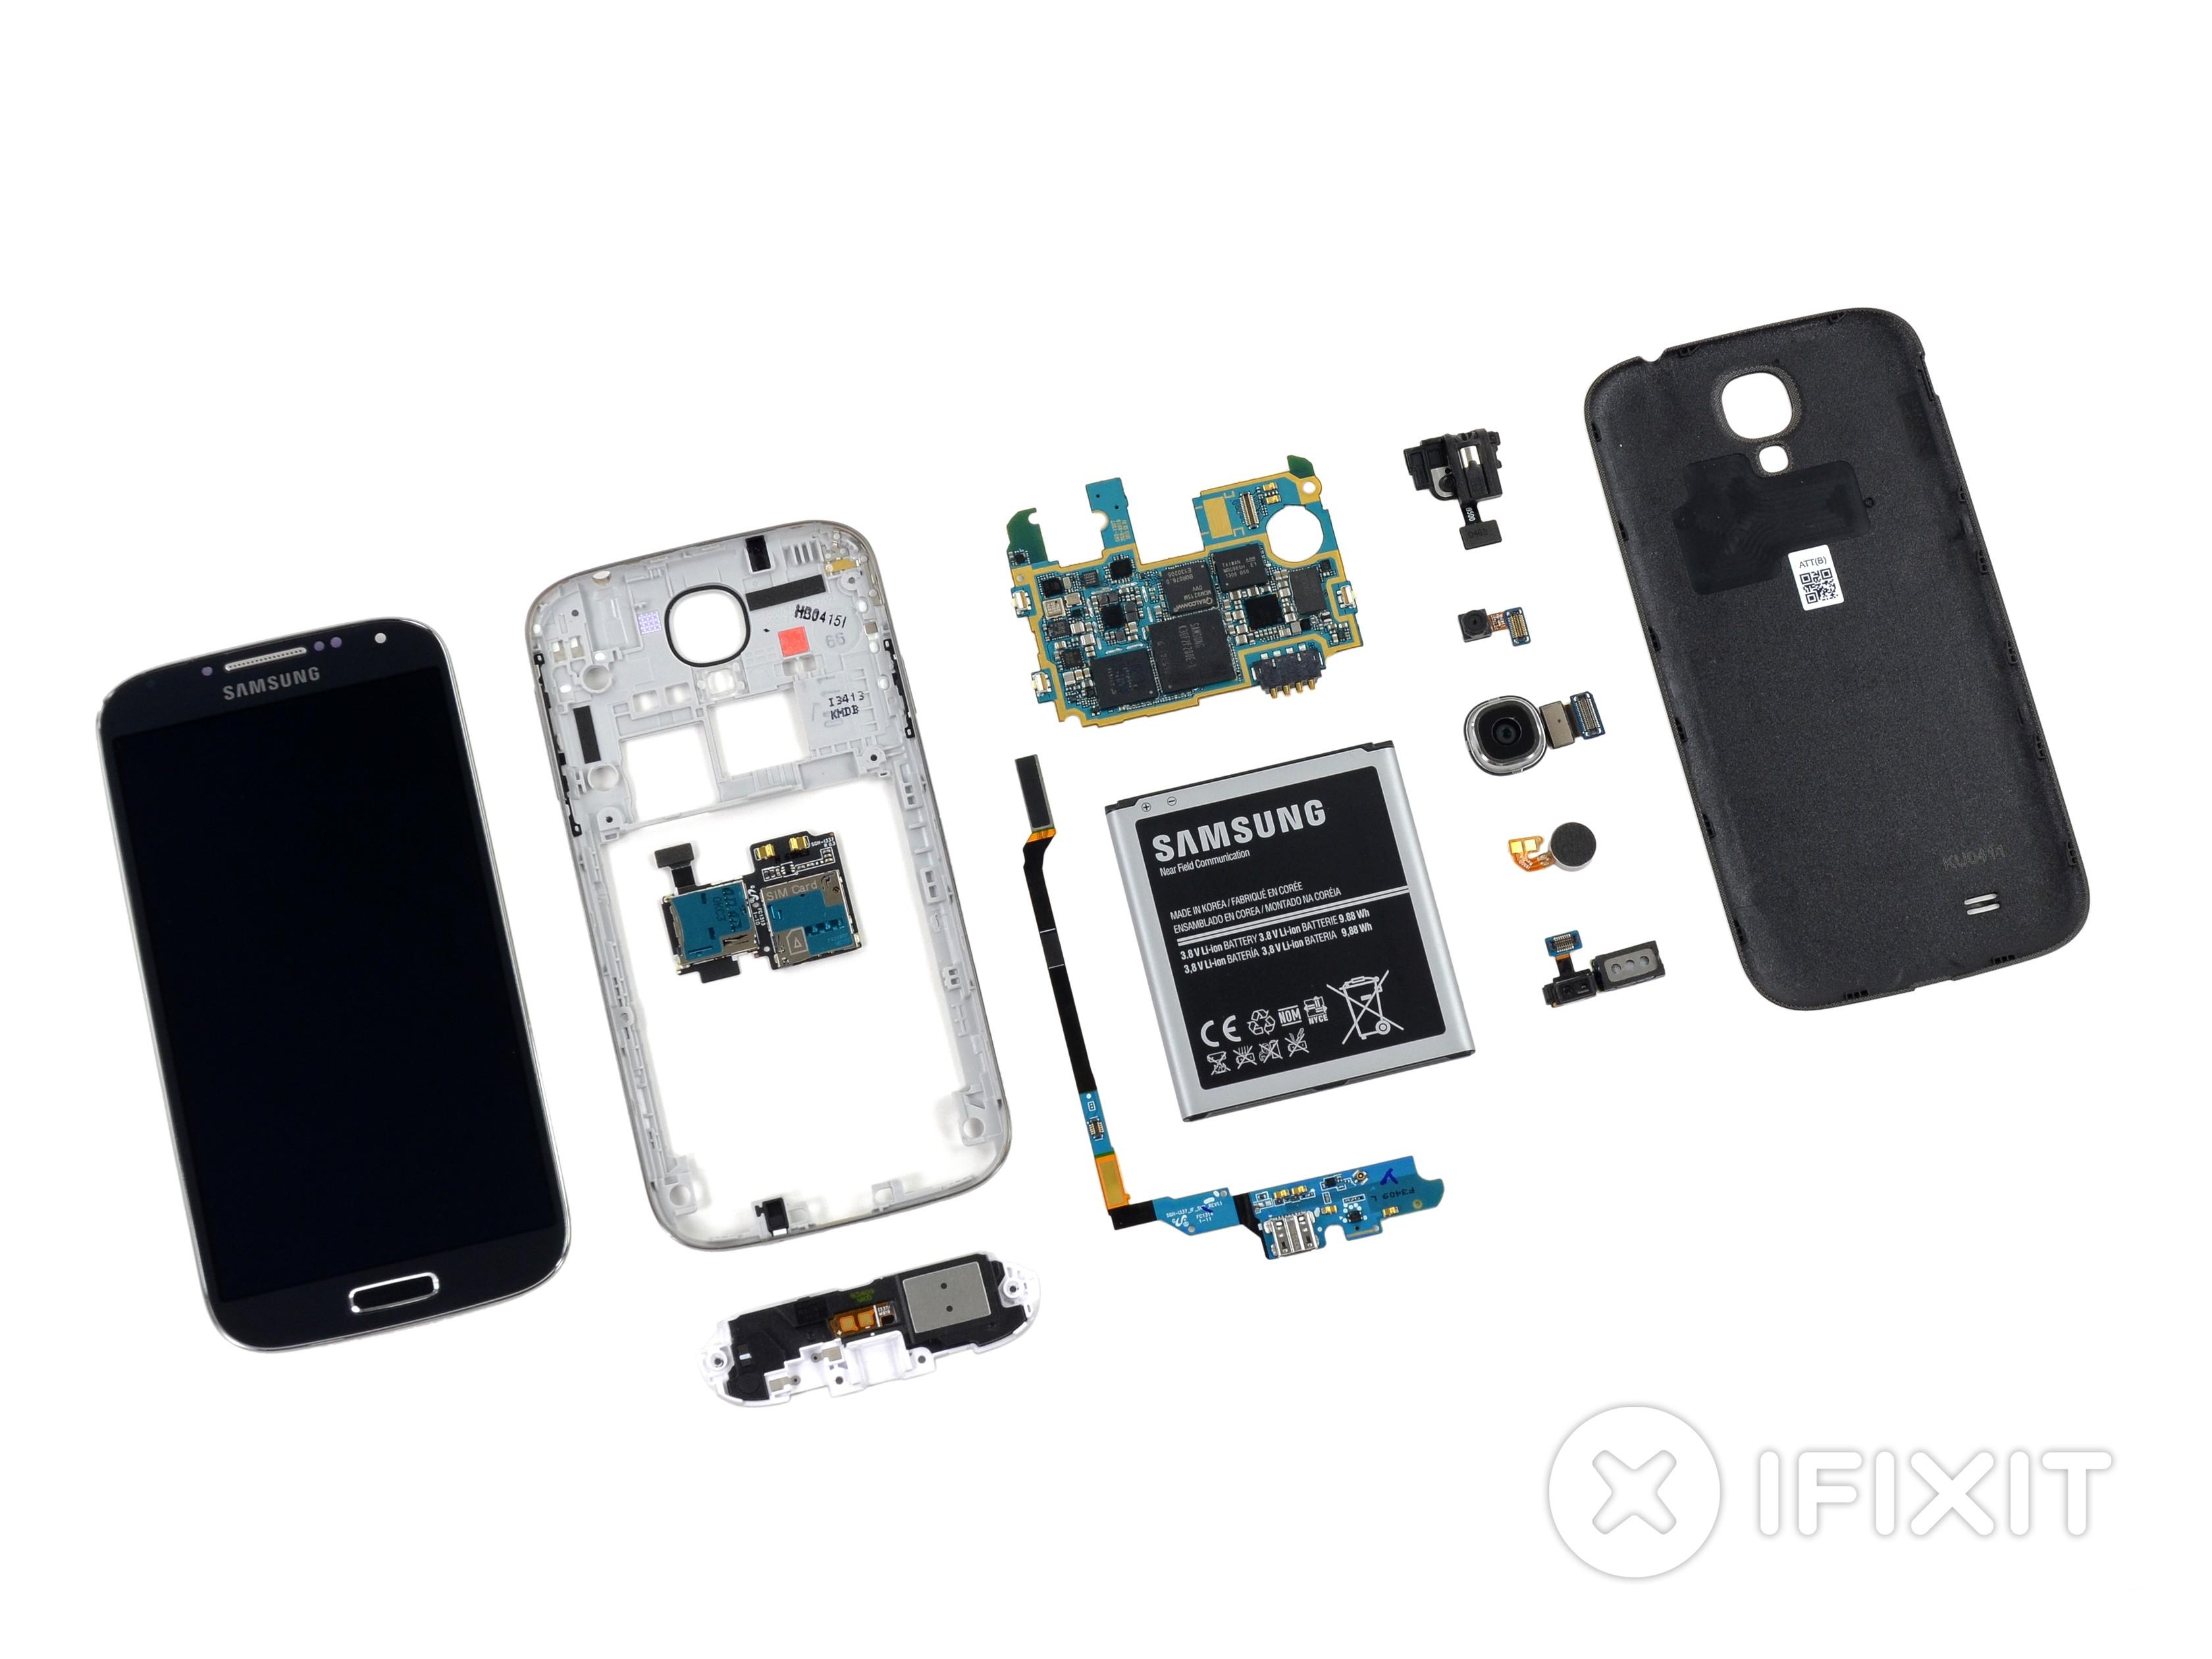 Galaxy S3 Parts Diagram Samsung Galaxy S4 Repair ifixit Of Galaxy S3 Parts Diagram